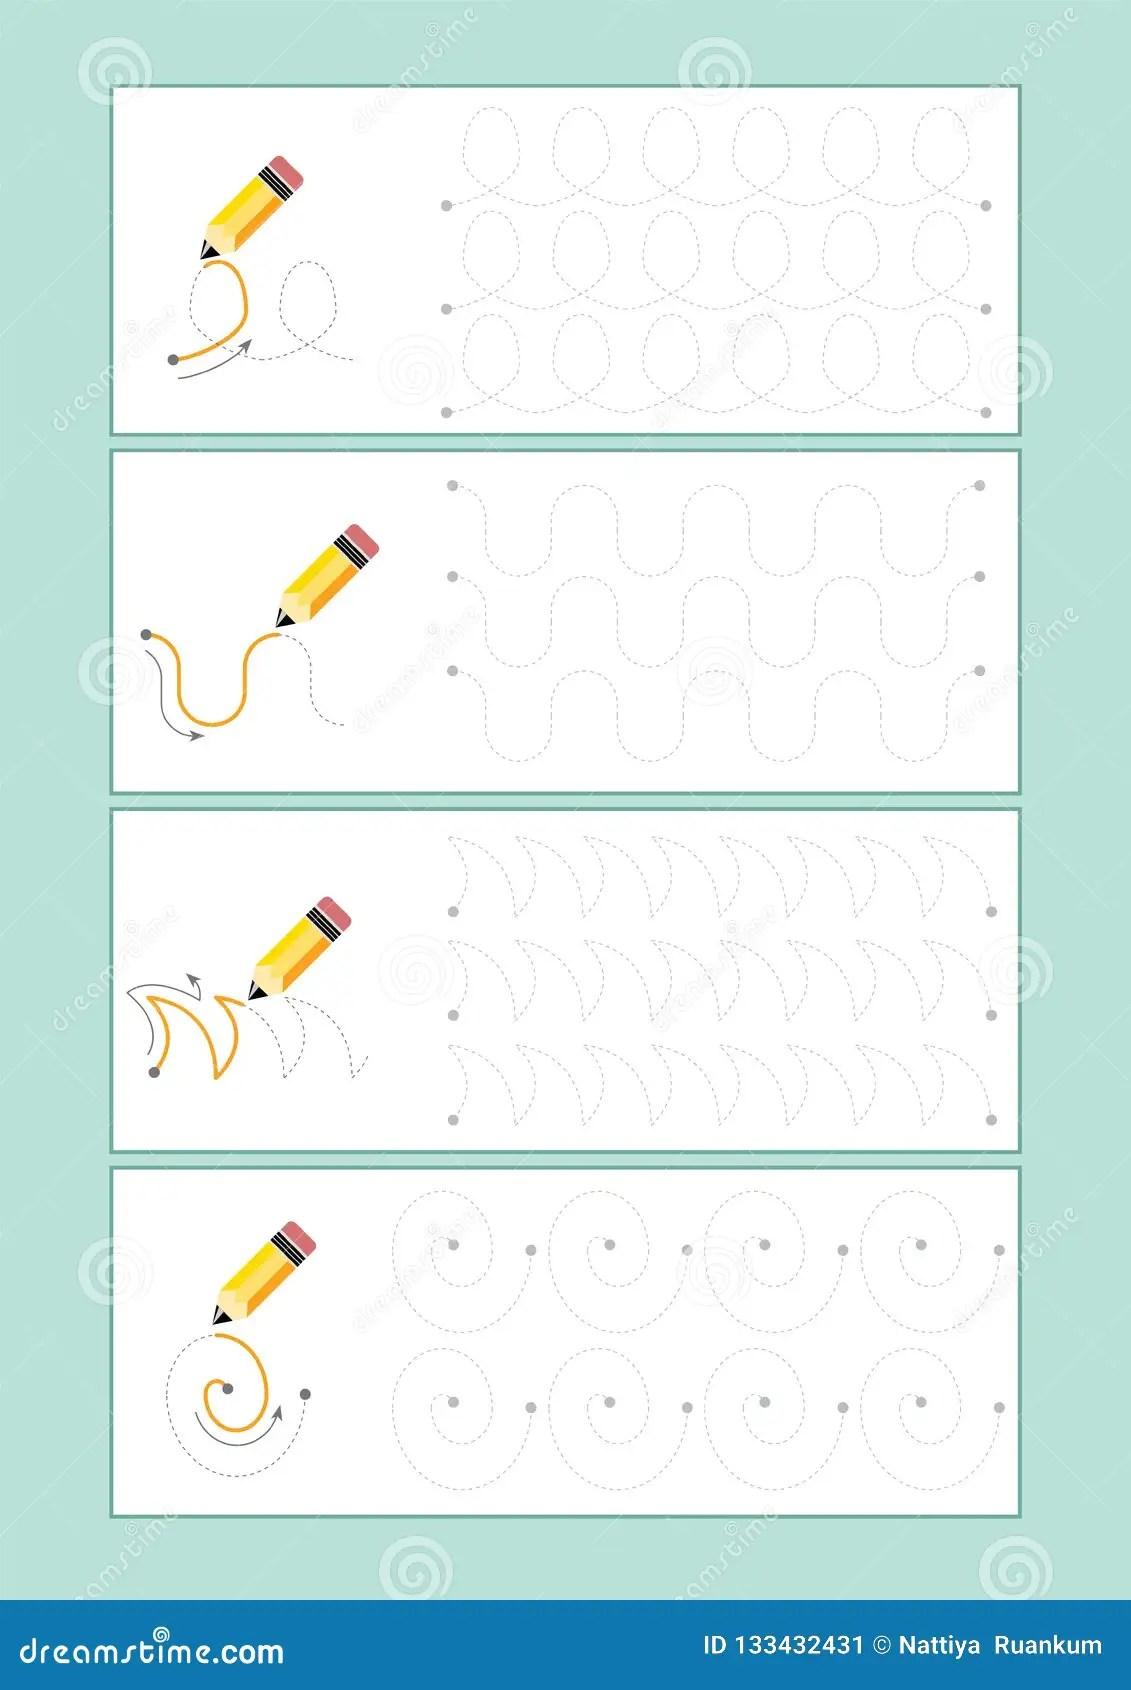 Tracing Lines Vector For Preschool Or Kindergarten And